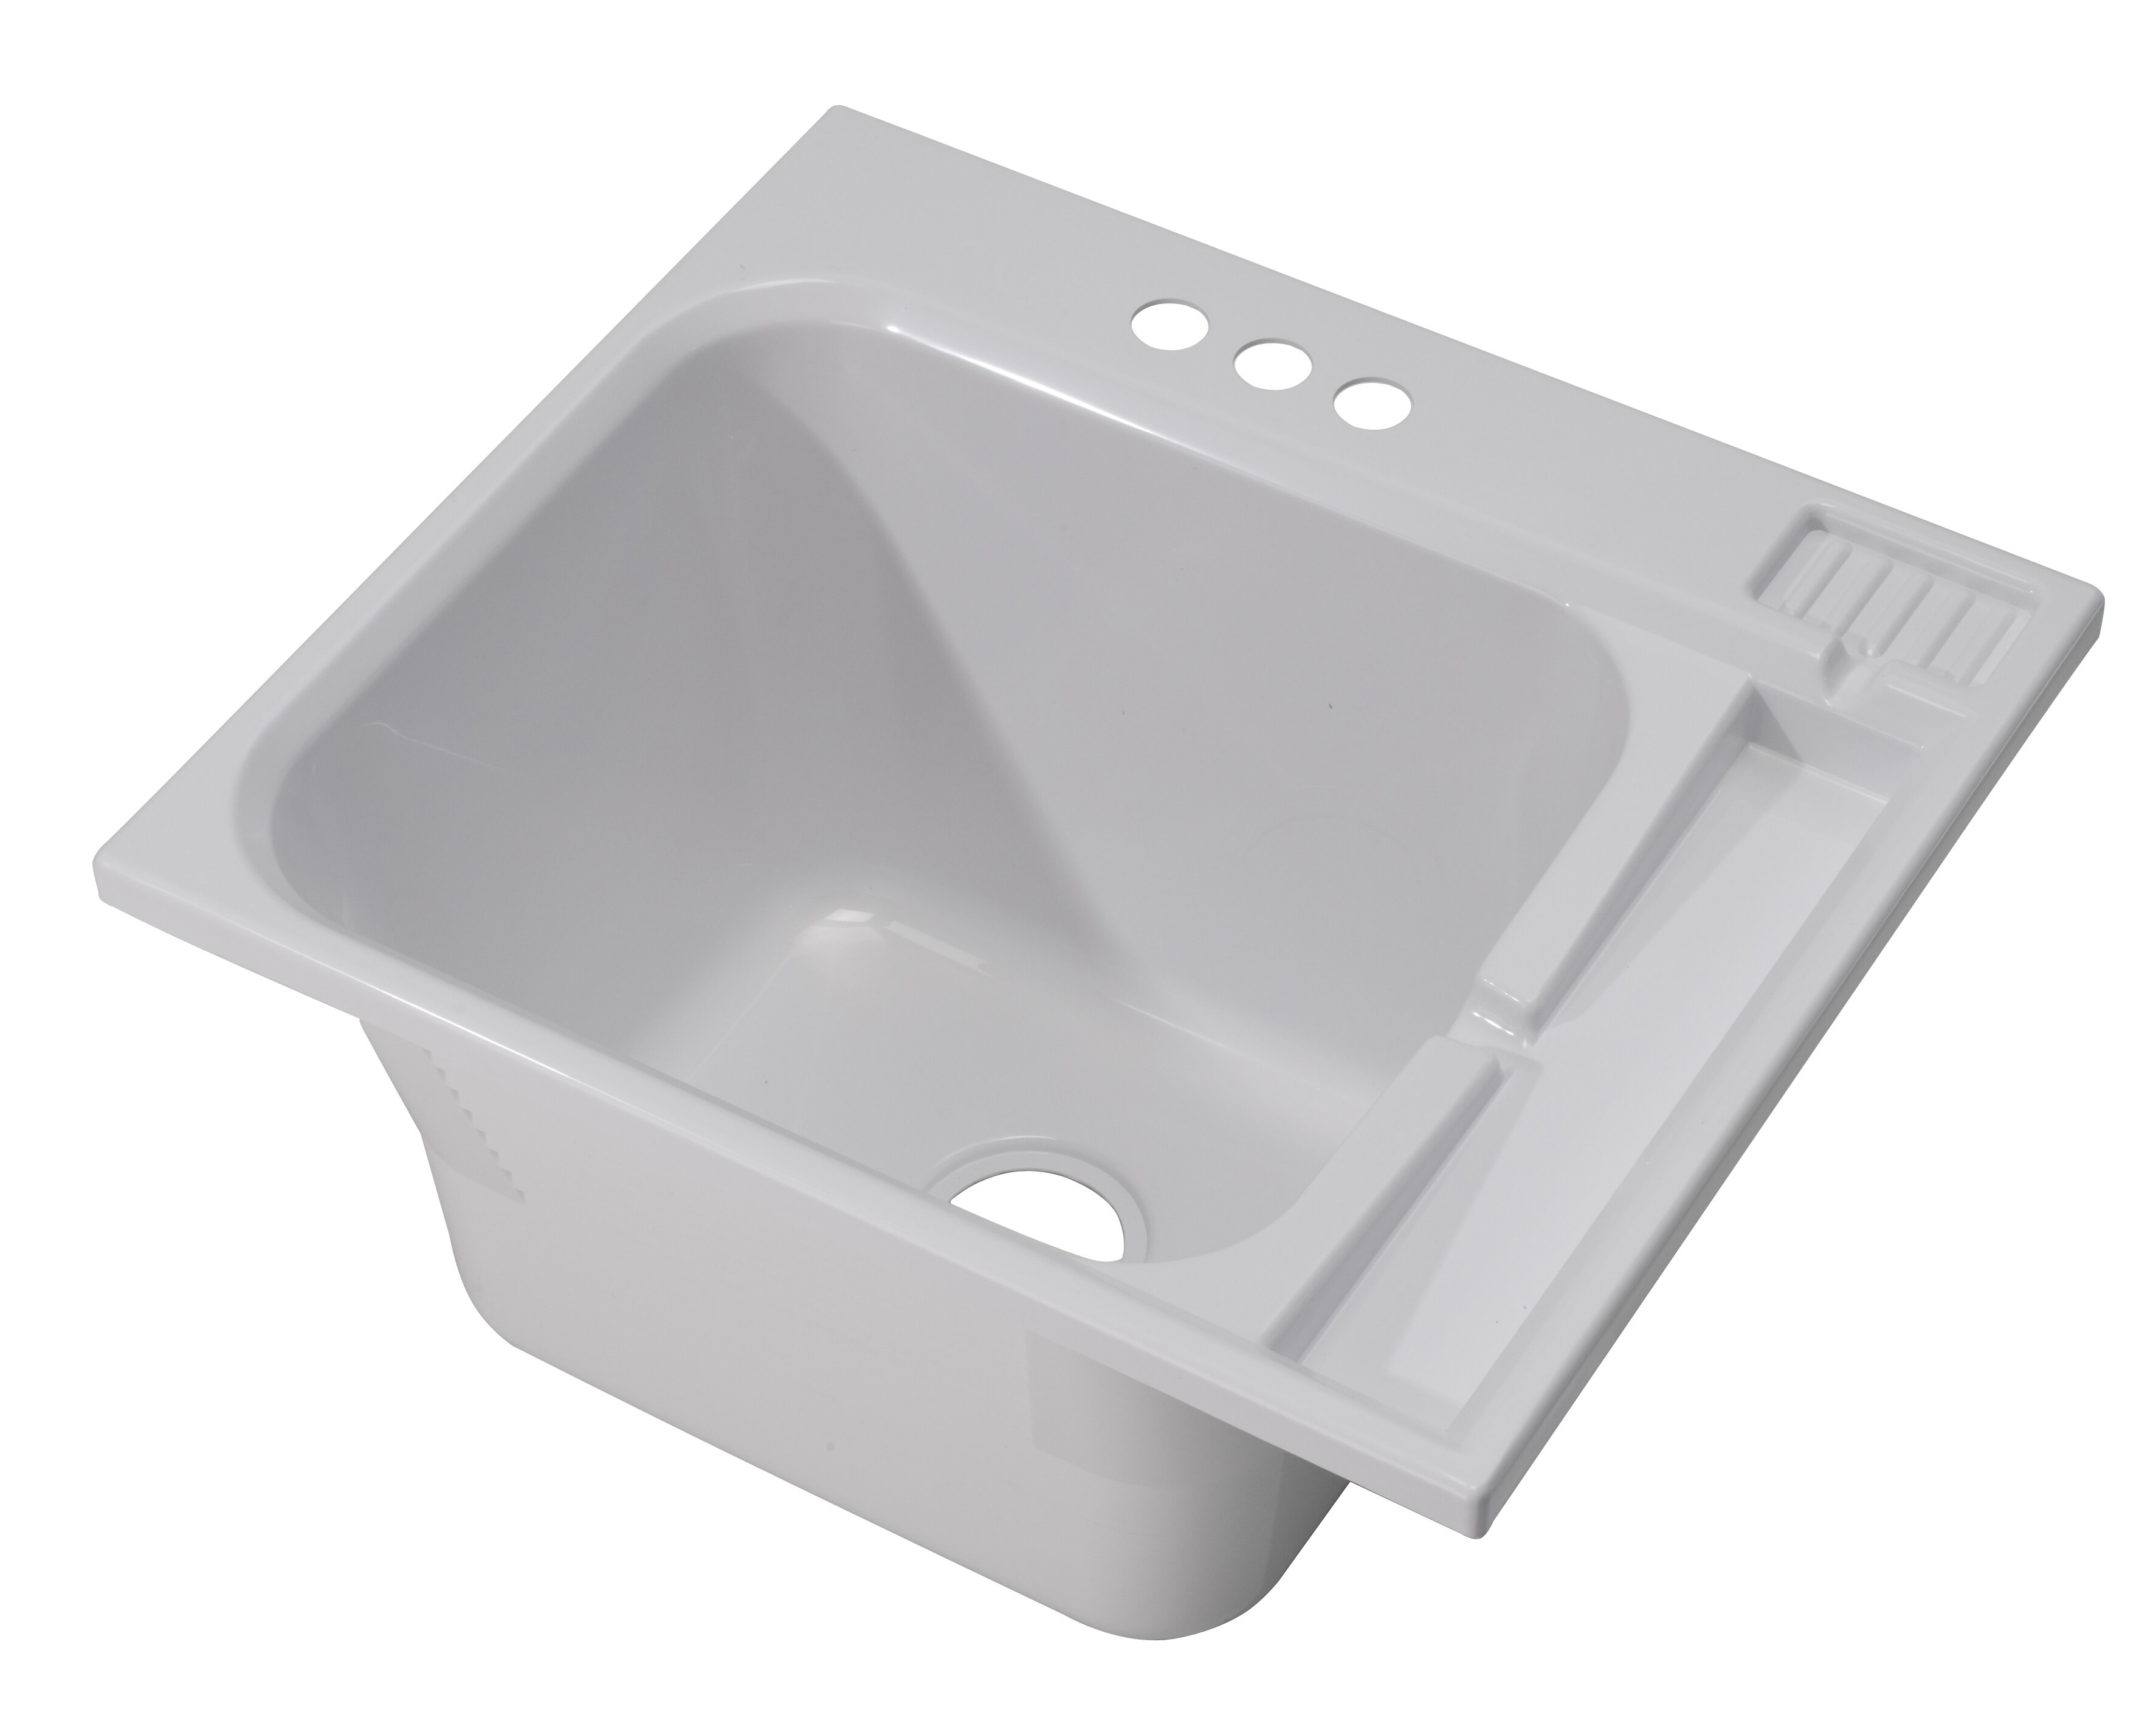 1970 20 01 25 X 22 Drop In Laundry Sink